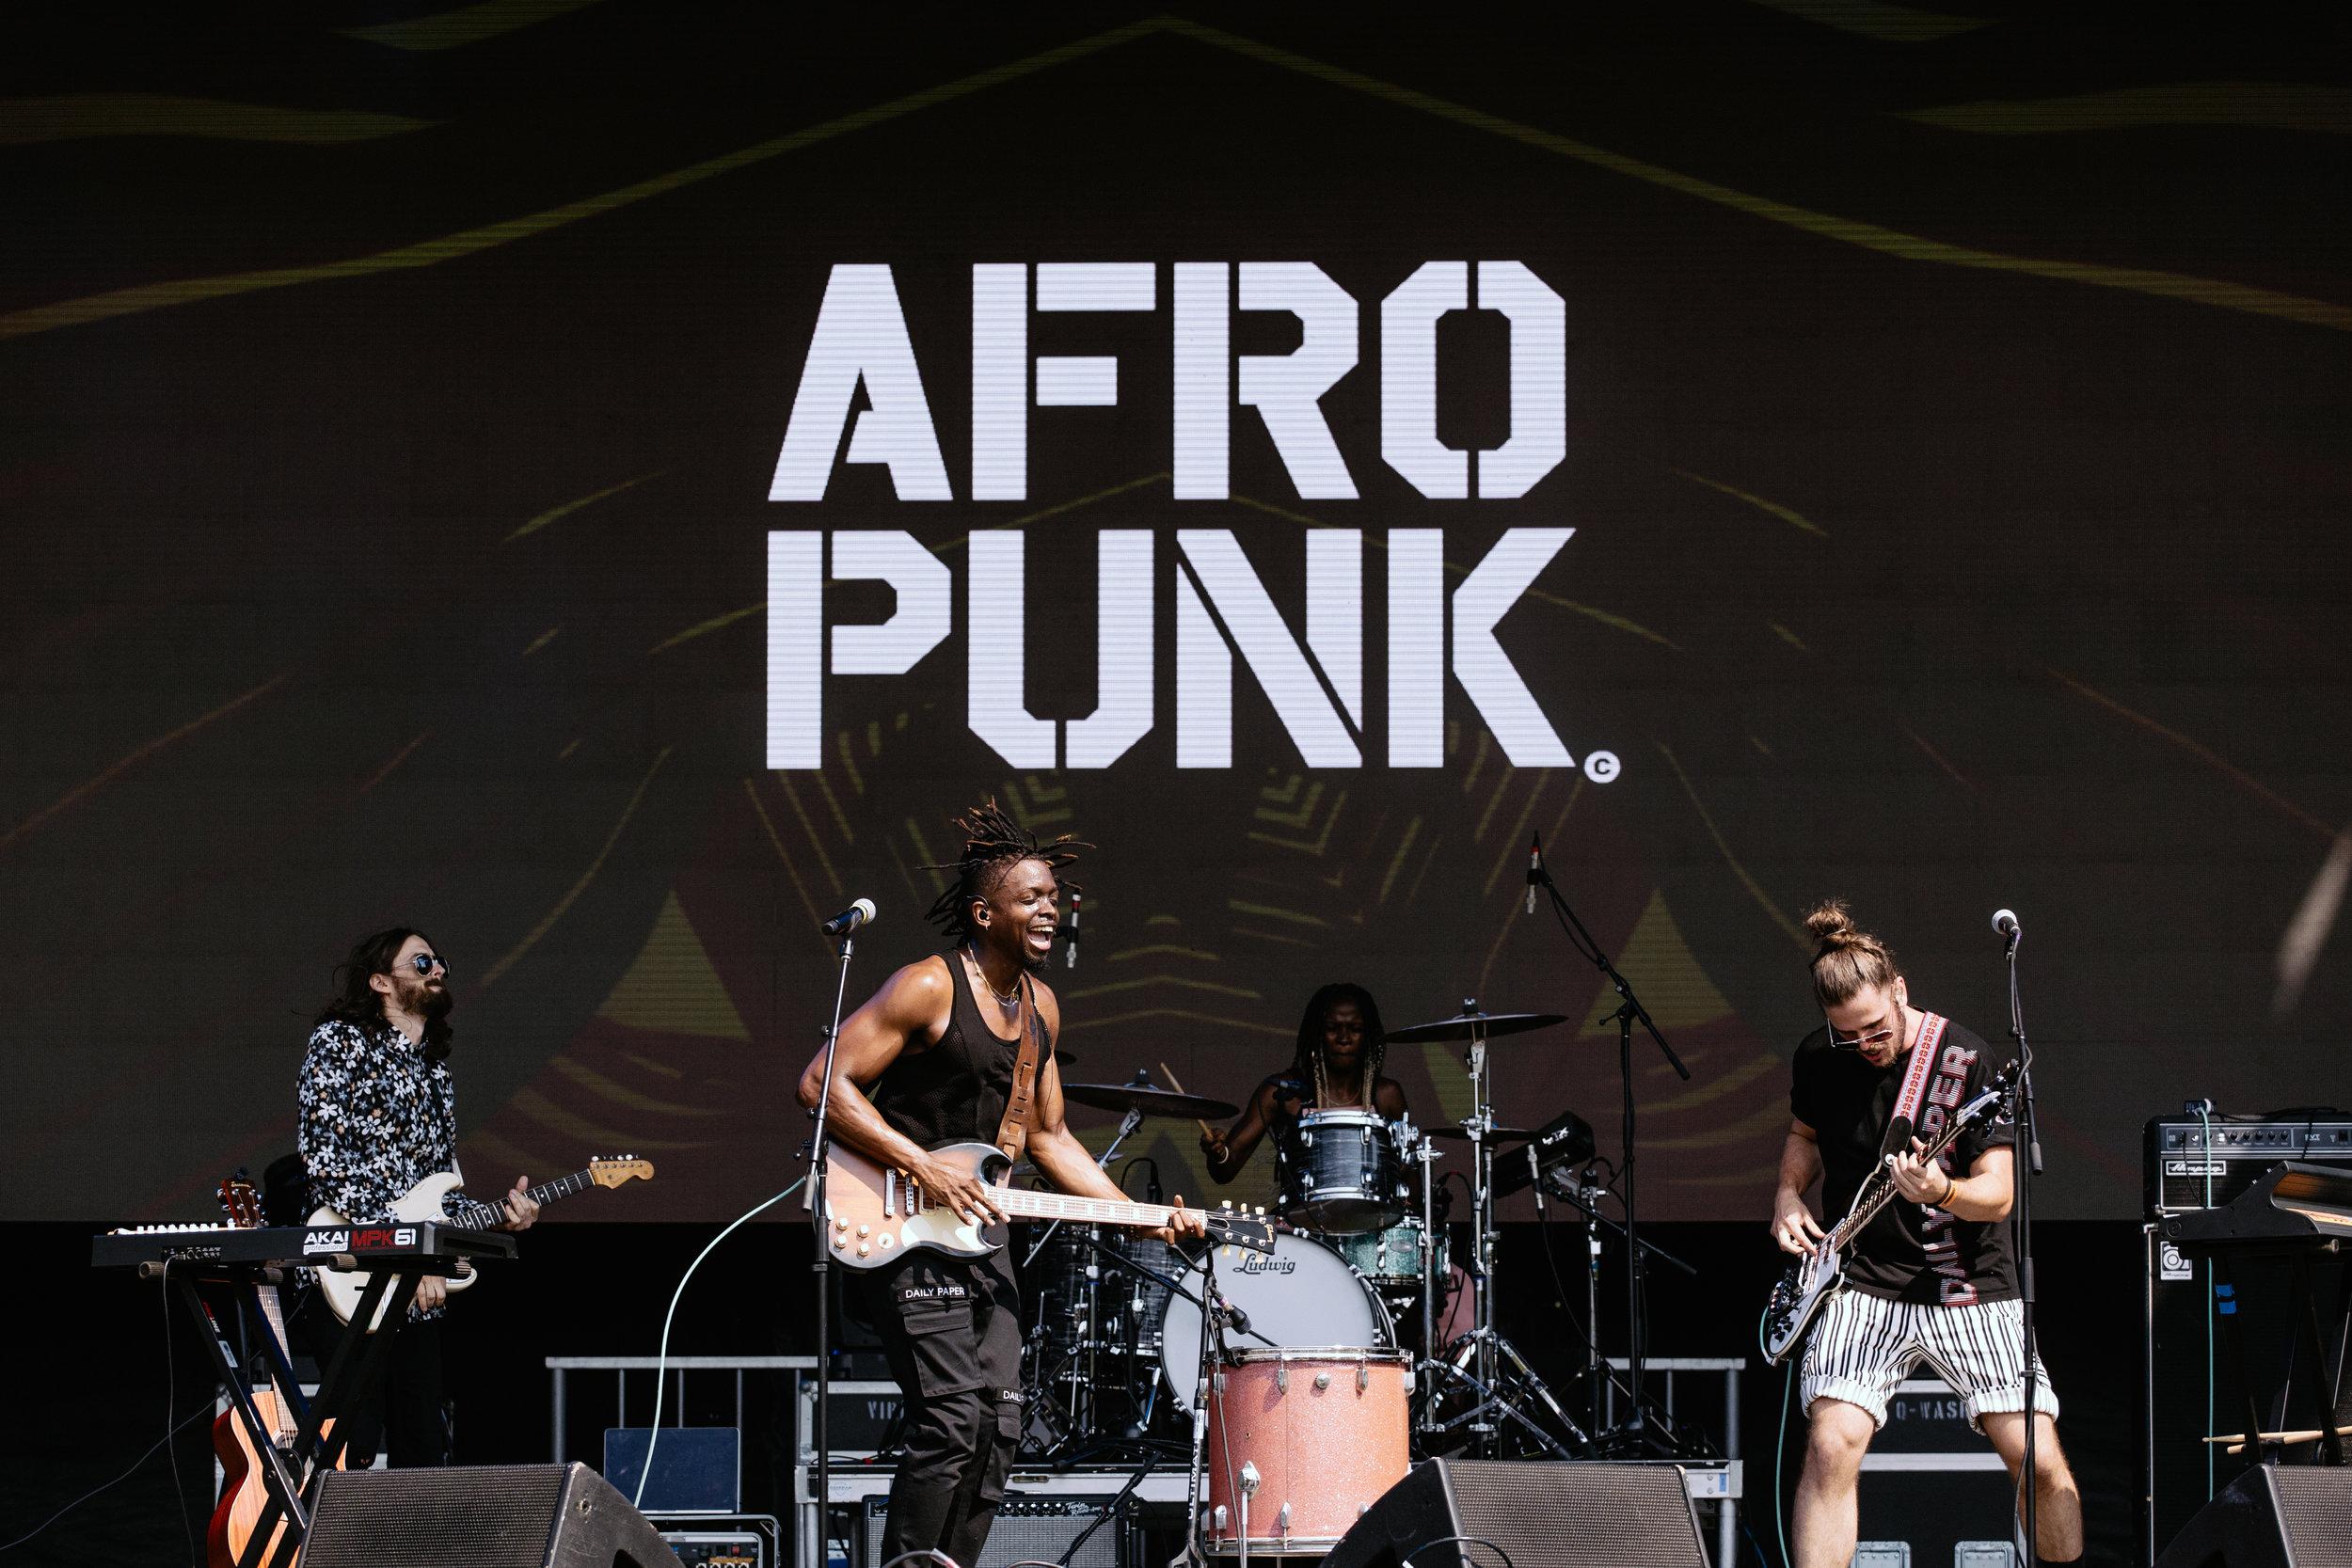 AfroPunk_Harville_U5A7763.jpg